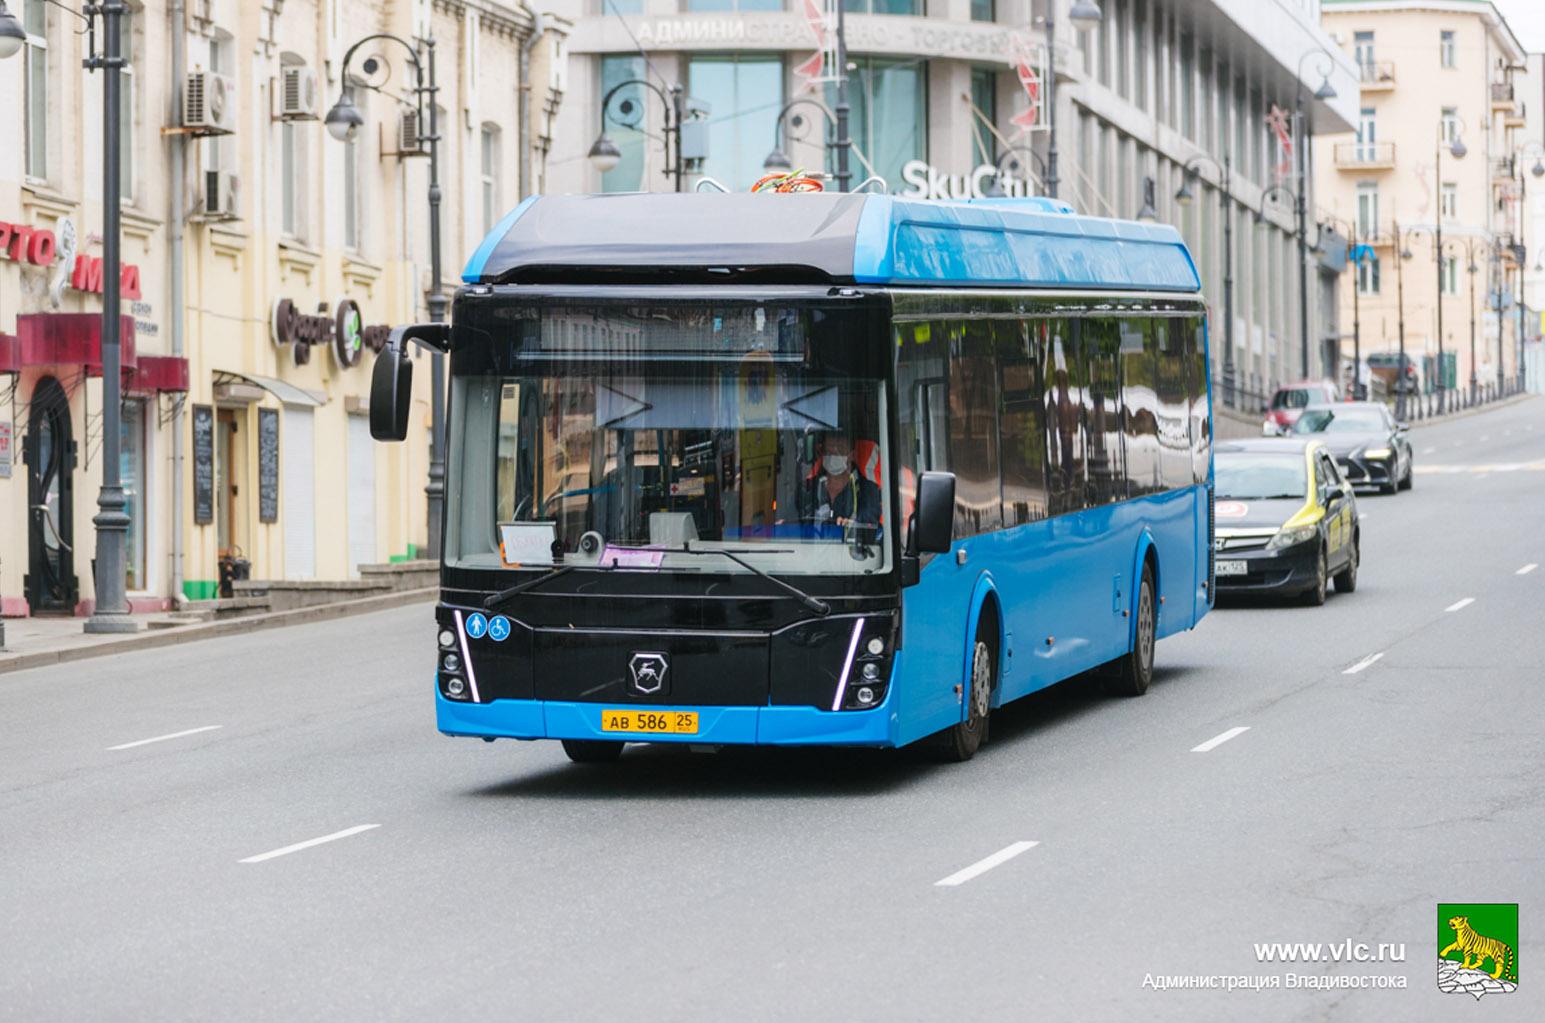 GAZ-elektrische-bussen-in-Vladivostok-proberen-hun-eerste-route-al-uit-(1)